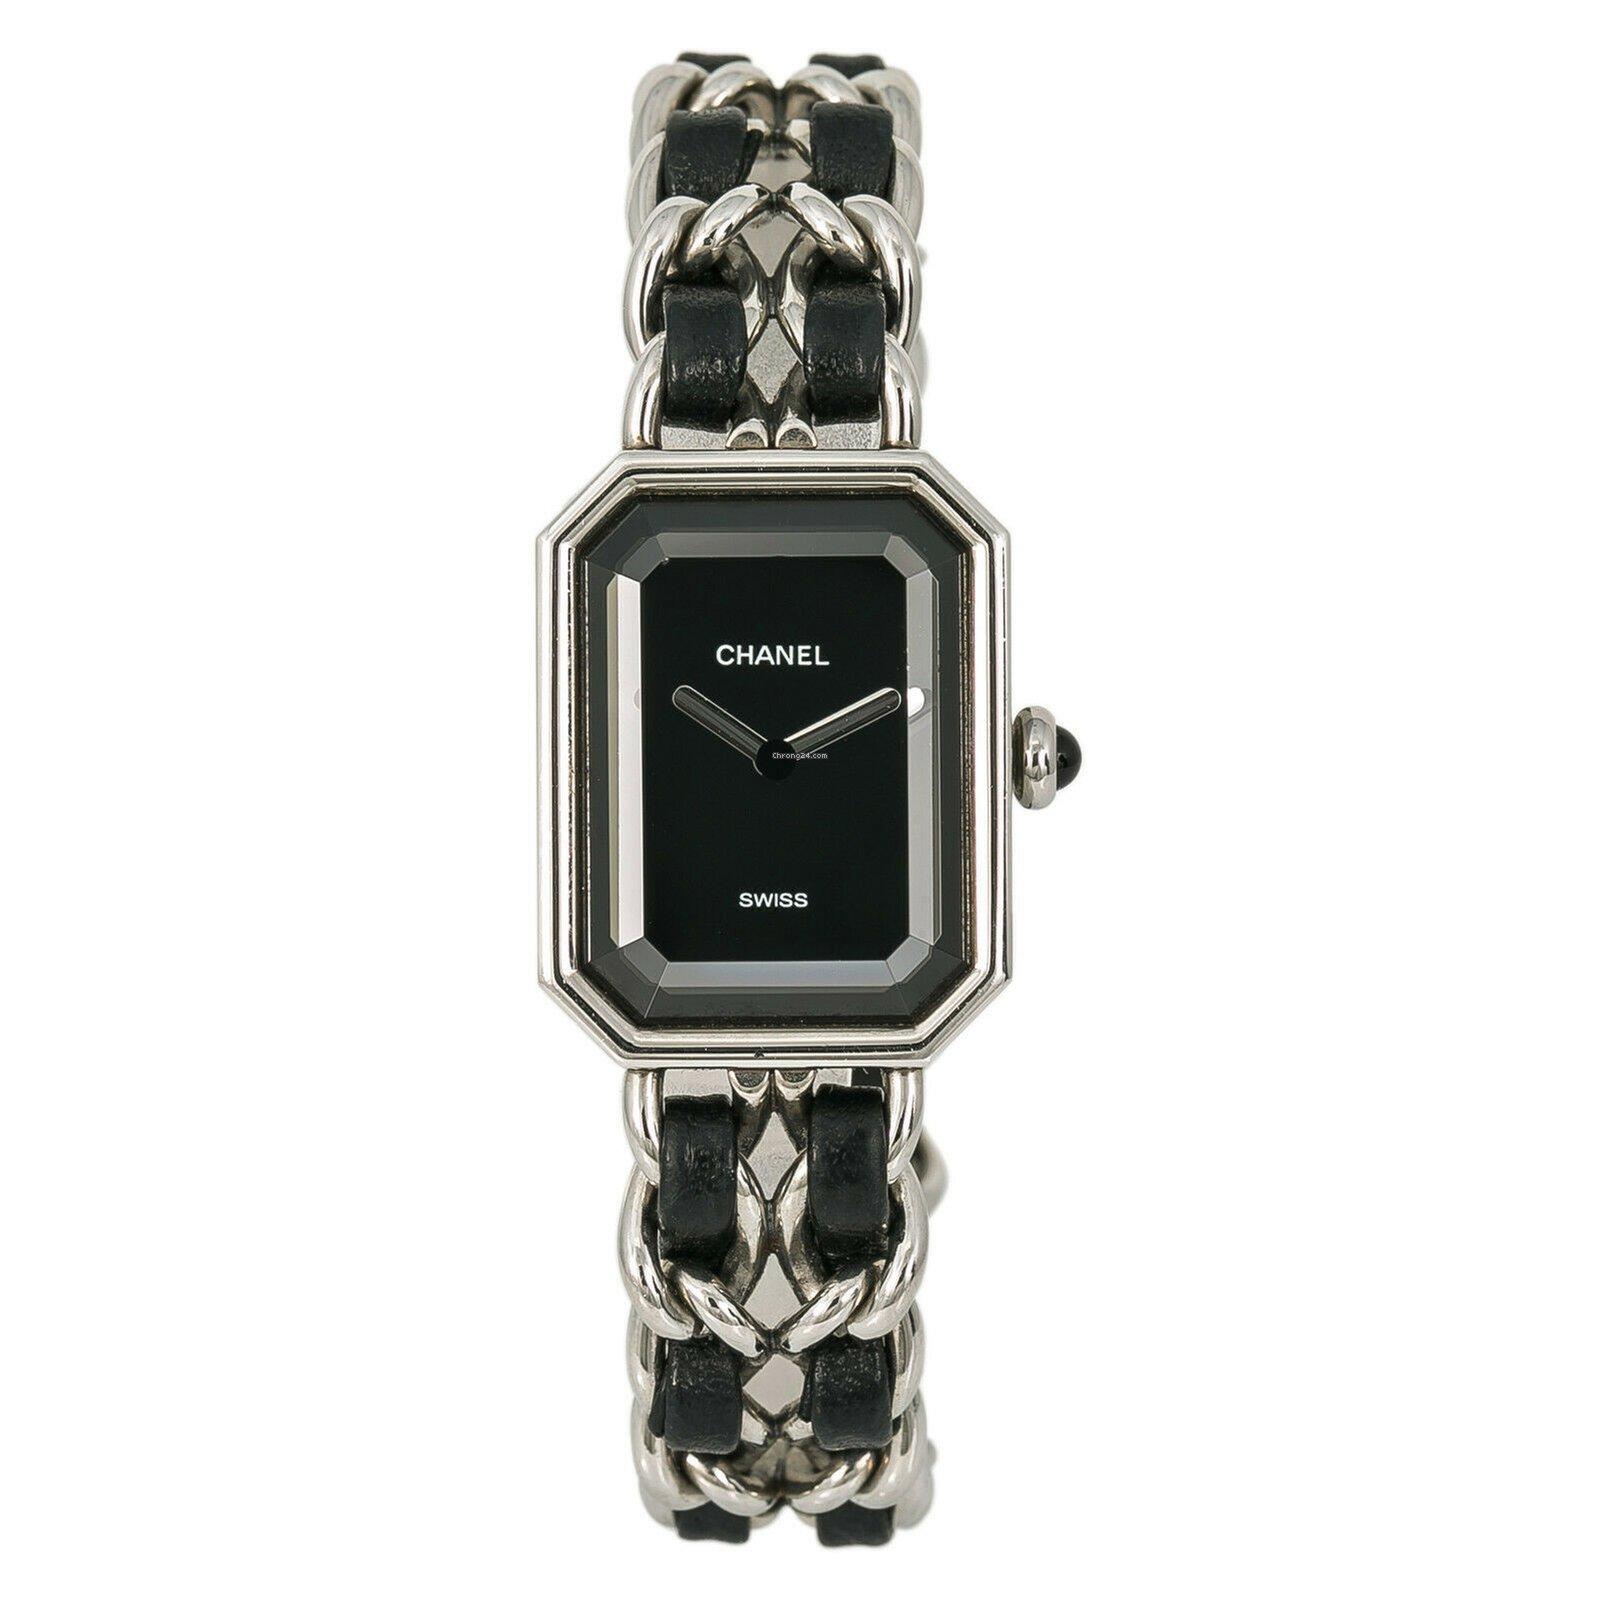 d0d462e1ba Chanel Premiere Rock H0451 Women Quartz Leather Watch Black ...